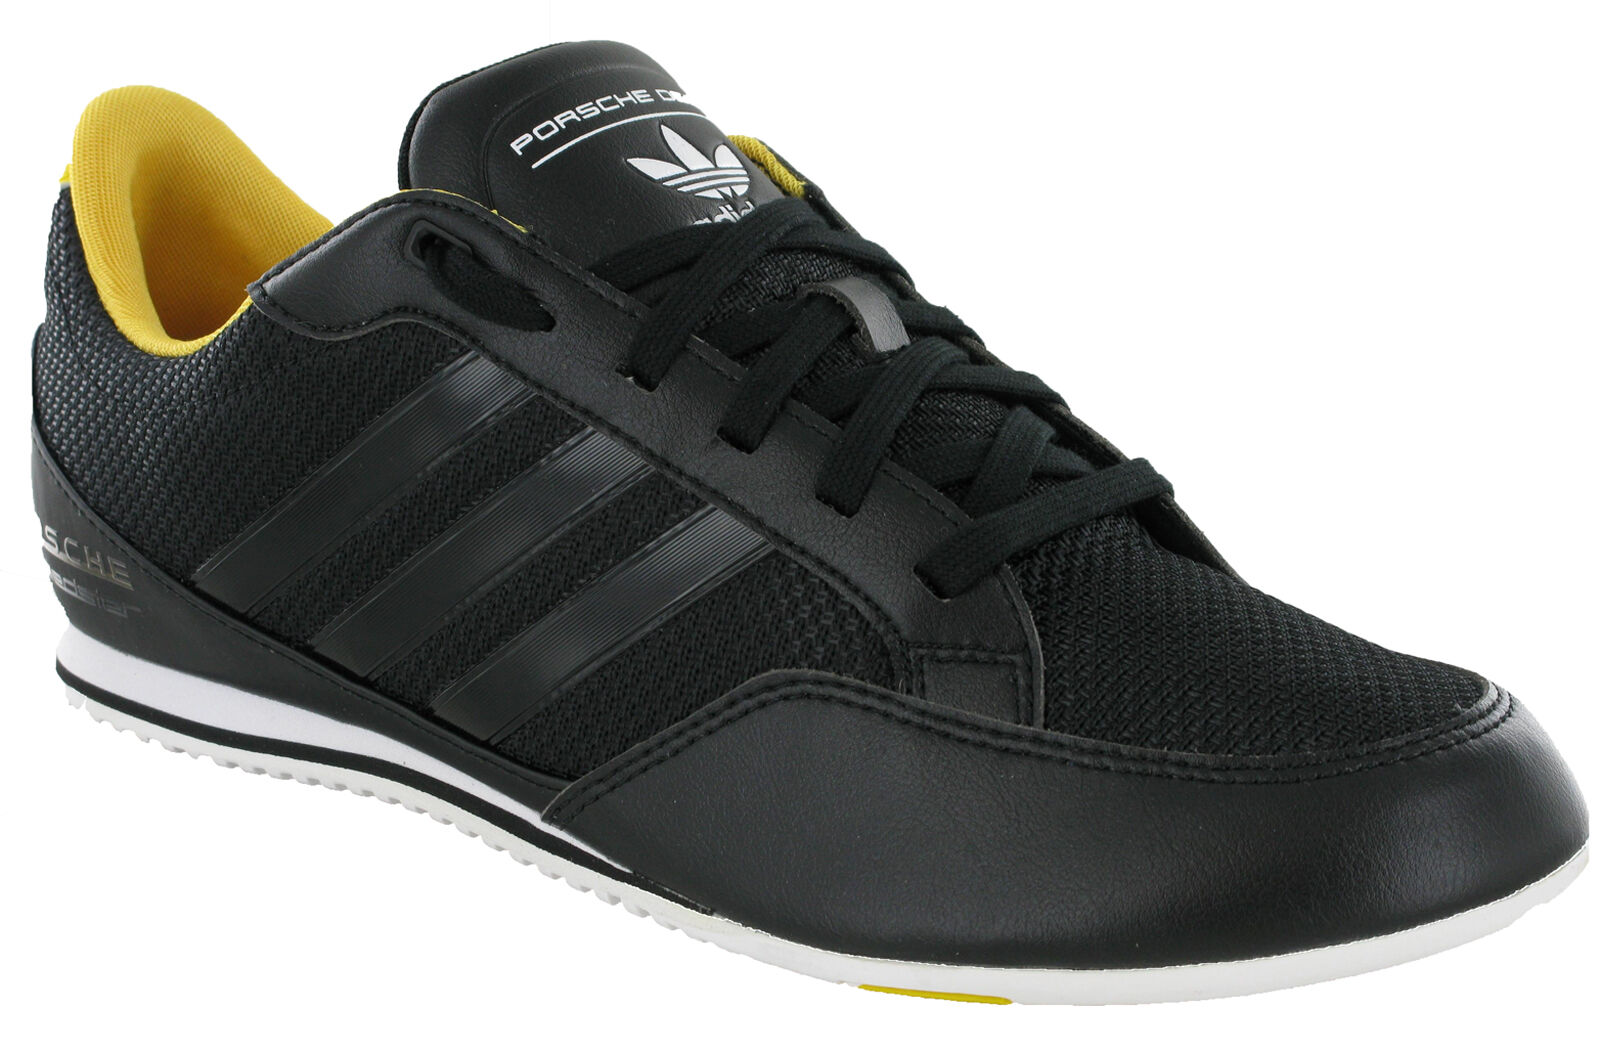 adidas porsche design brass boot shoes